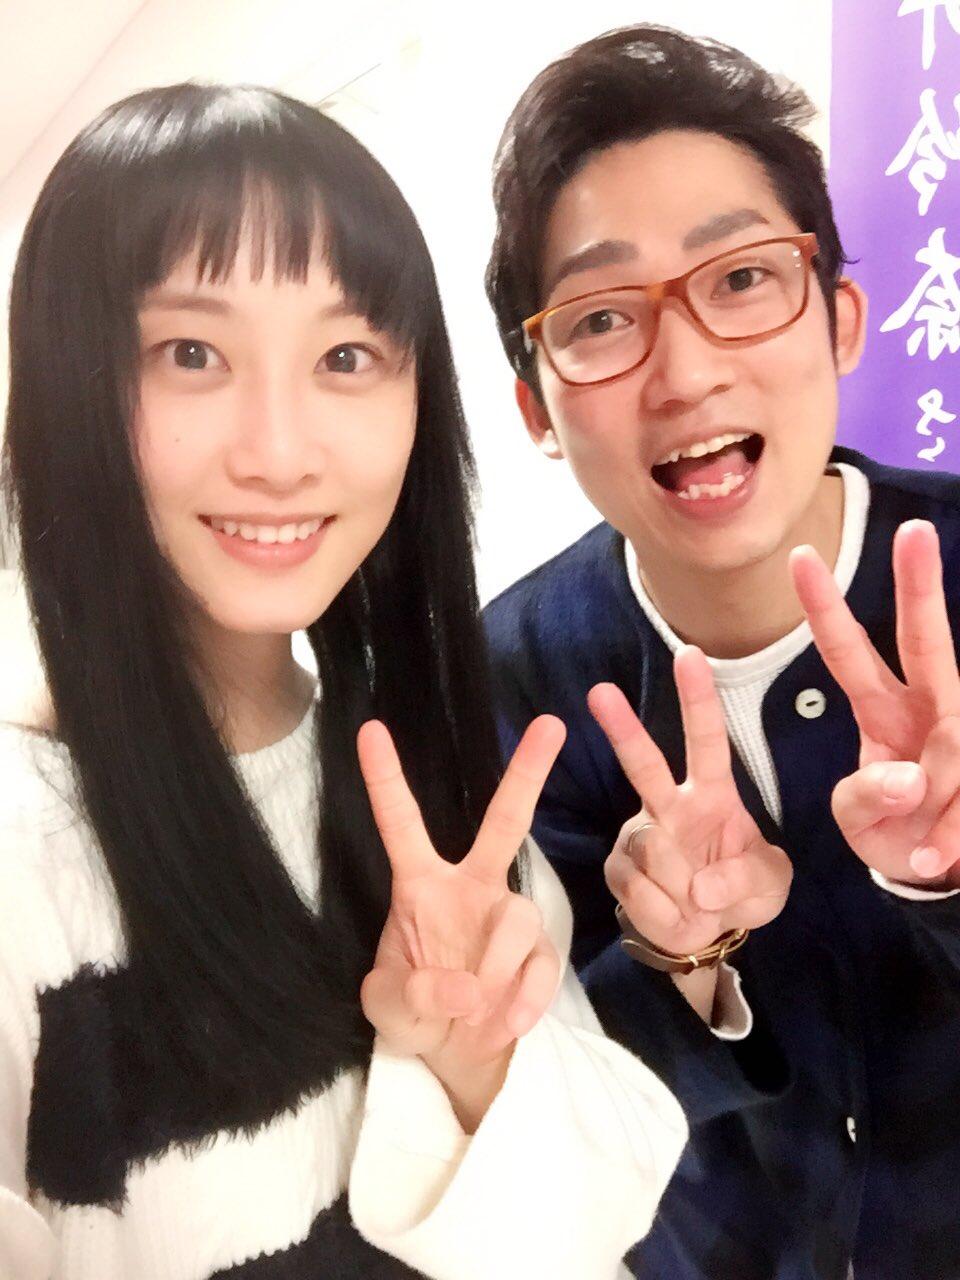 【悲報】オタクが元SKE48松井玲奈の舞台で罵声を発するなど迷惑行為に及ぶ